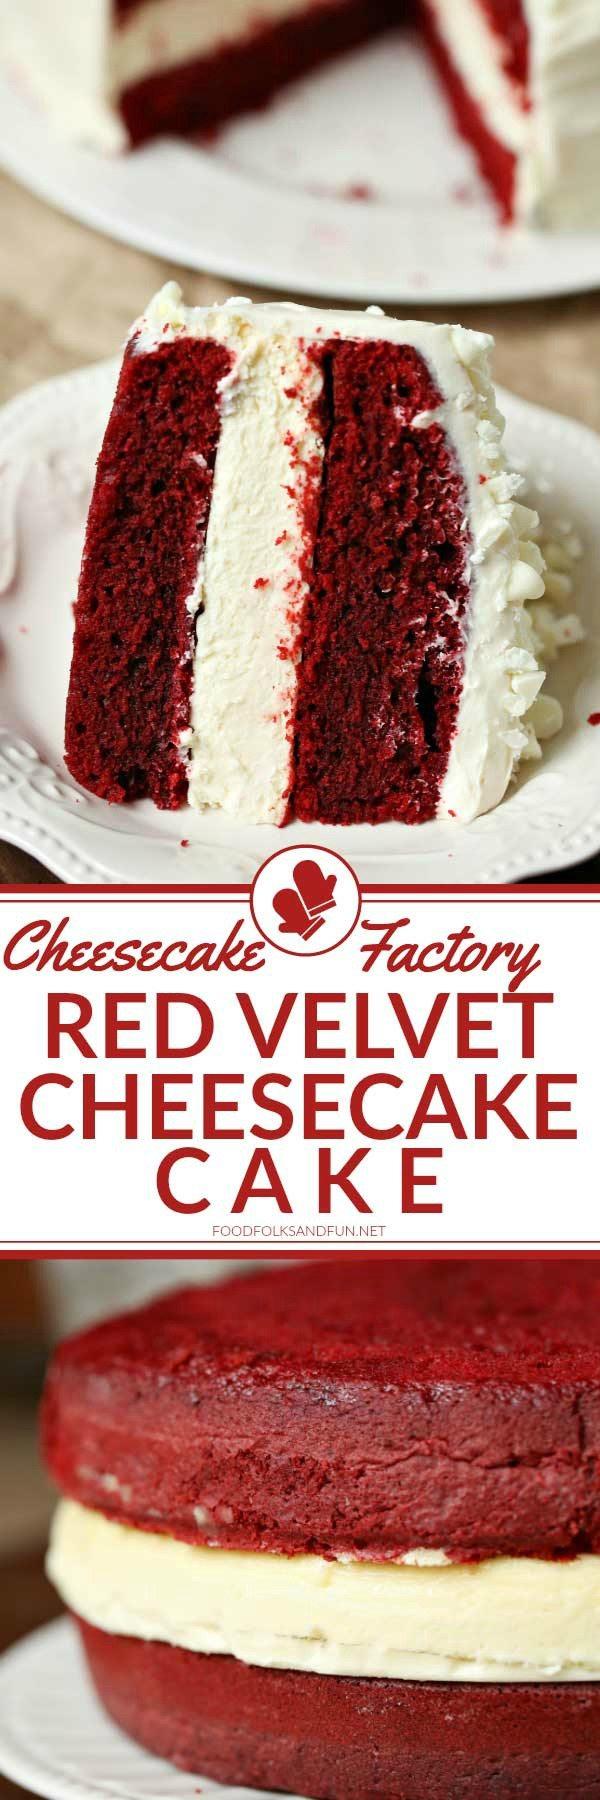 Cheesecake Factory Birthday Cake Cheesecake Factory Red Velvet Cheesecake Cake Copycat Food Folks